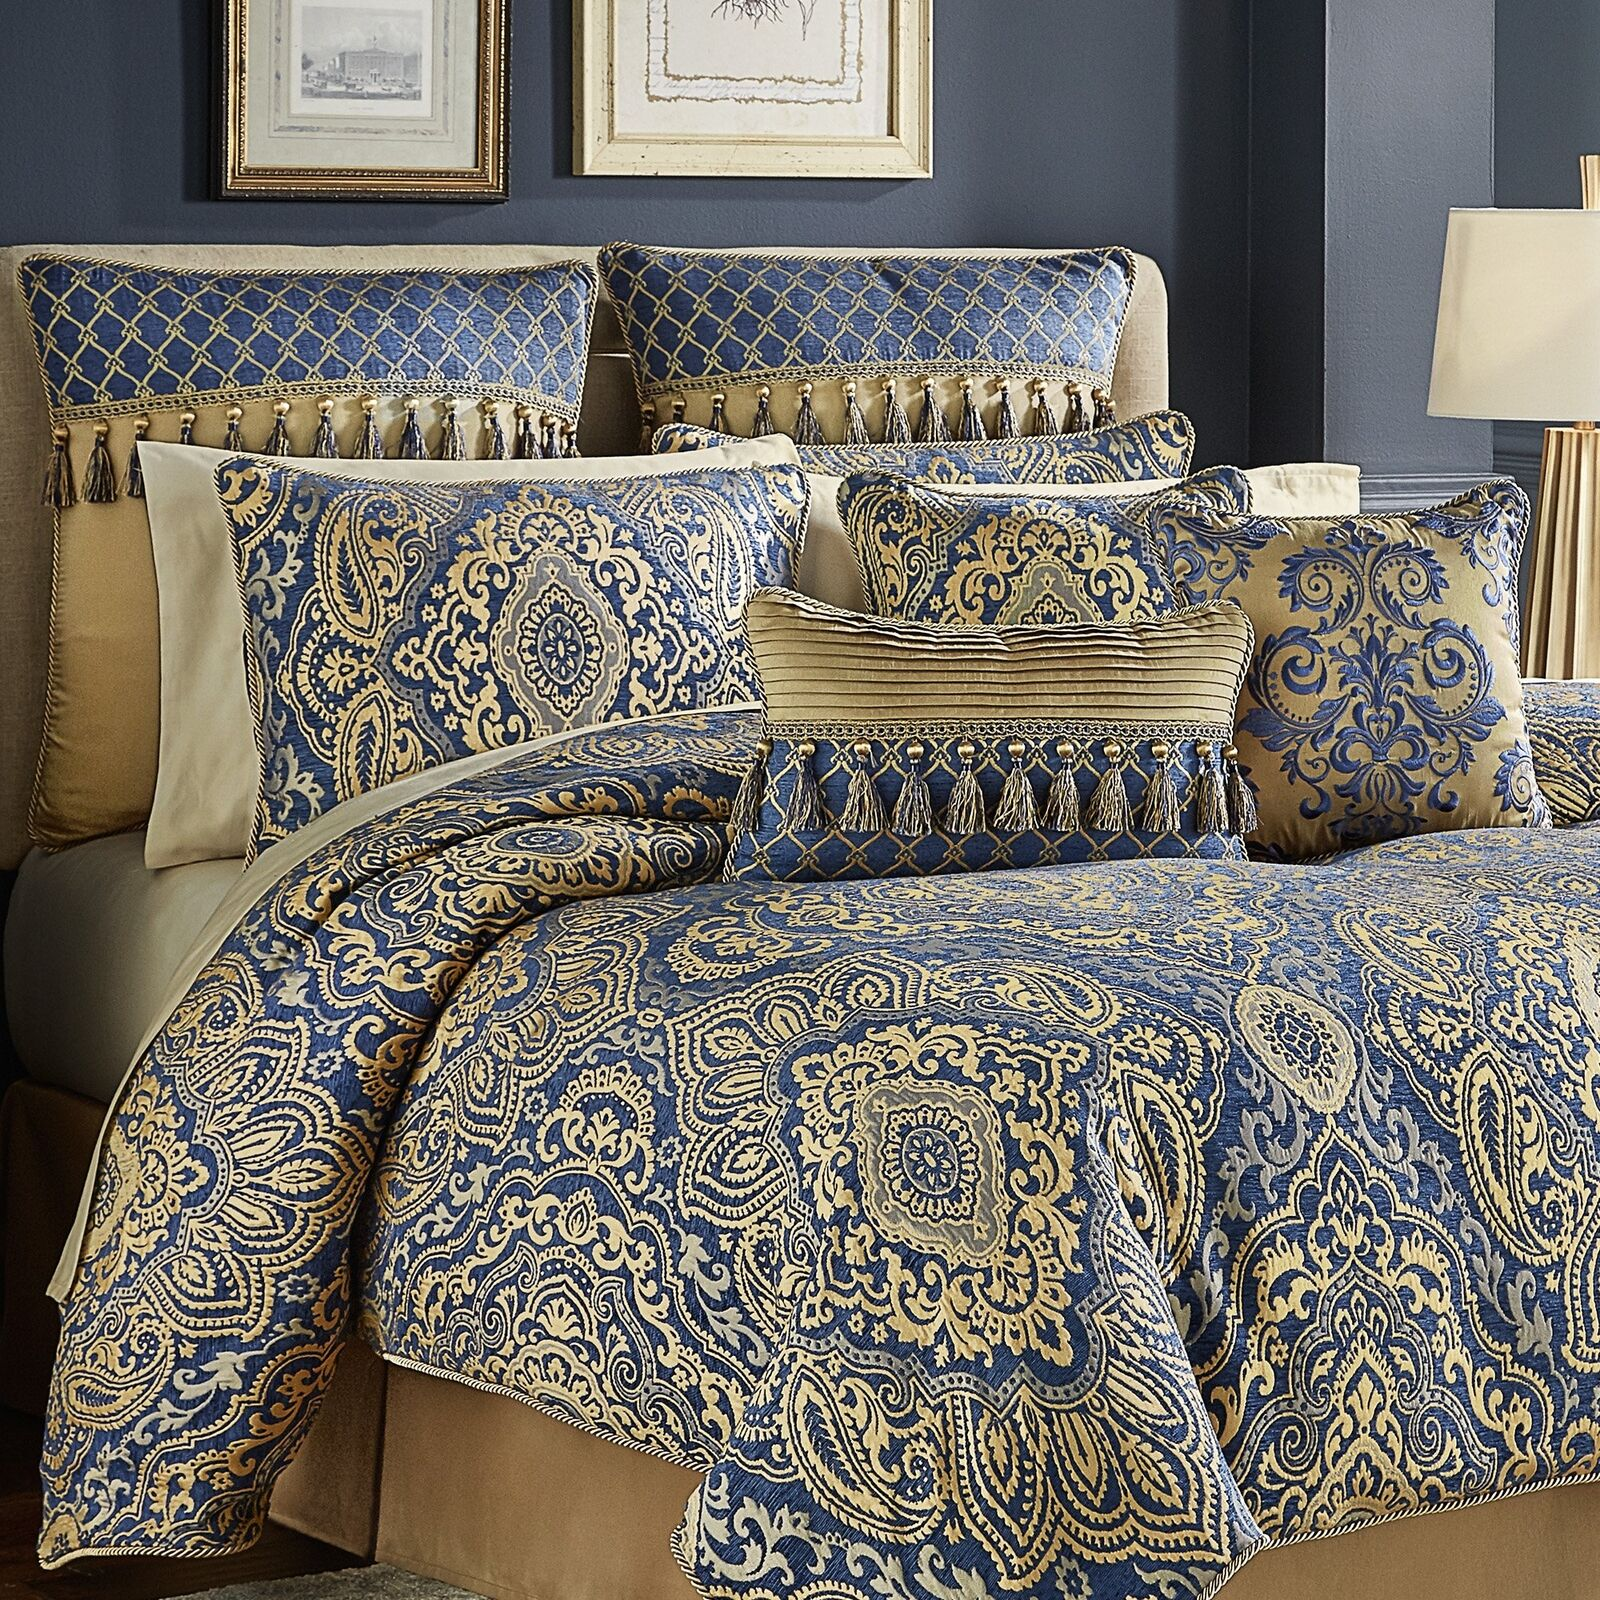 Croscill Allyce Comforter Set Queen Blau